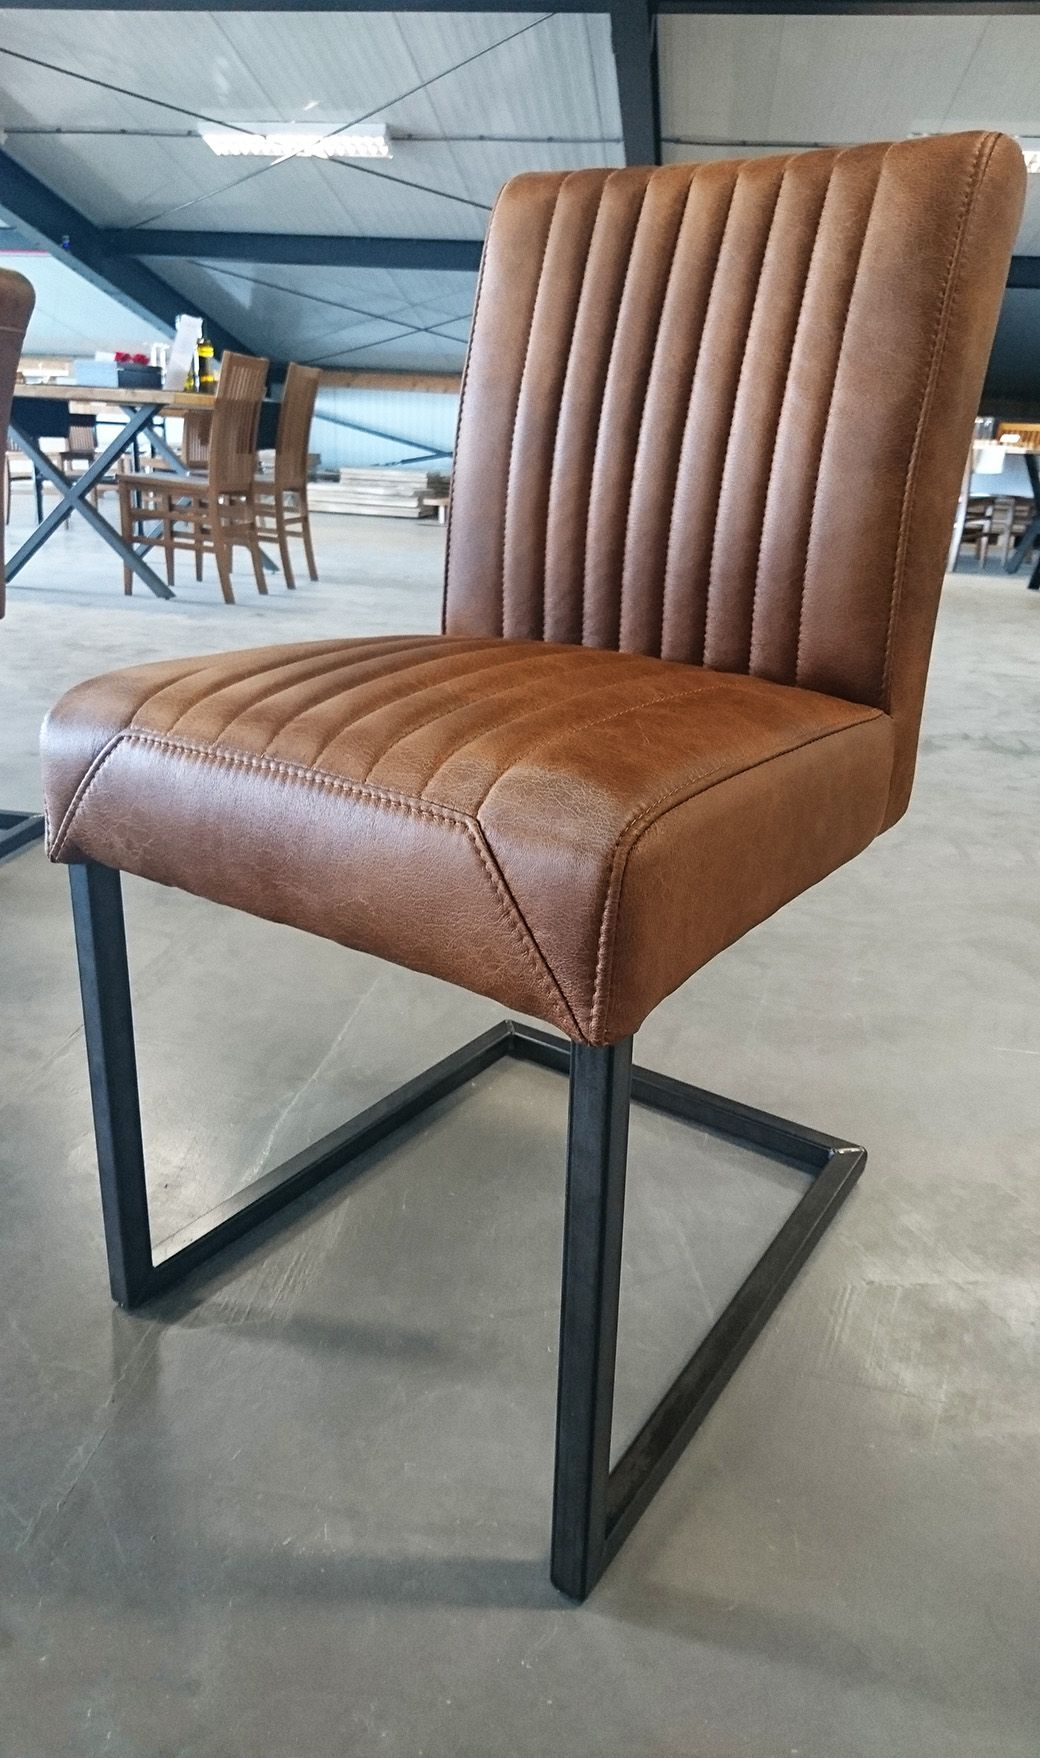 Leren Fauteuil Cognac Kleur.Lederen Stoel Cognac Kleur Leather Chair Cognac Stoel Cognac